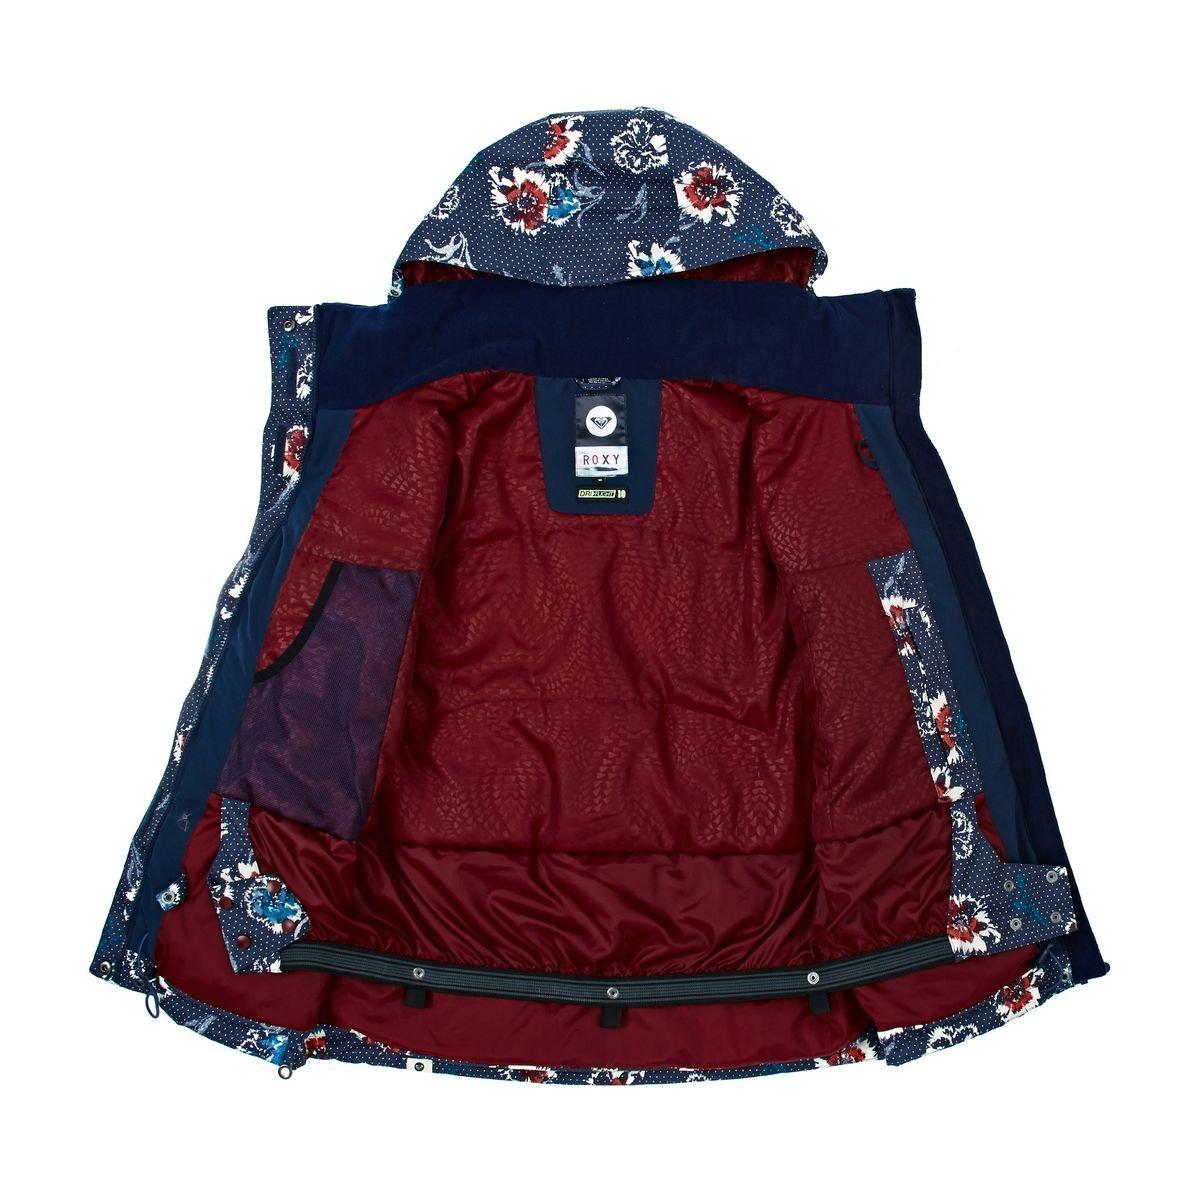 Roxy Jetty chaqueta de la mujer, Peacoat, XL: Amazon.es: Deportes y aire libre